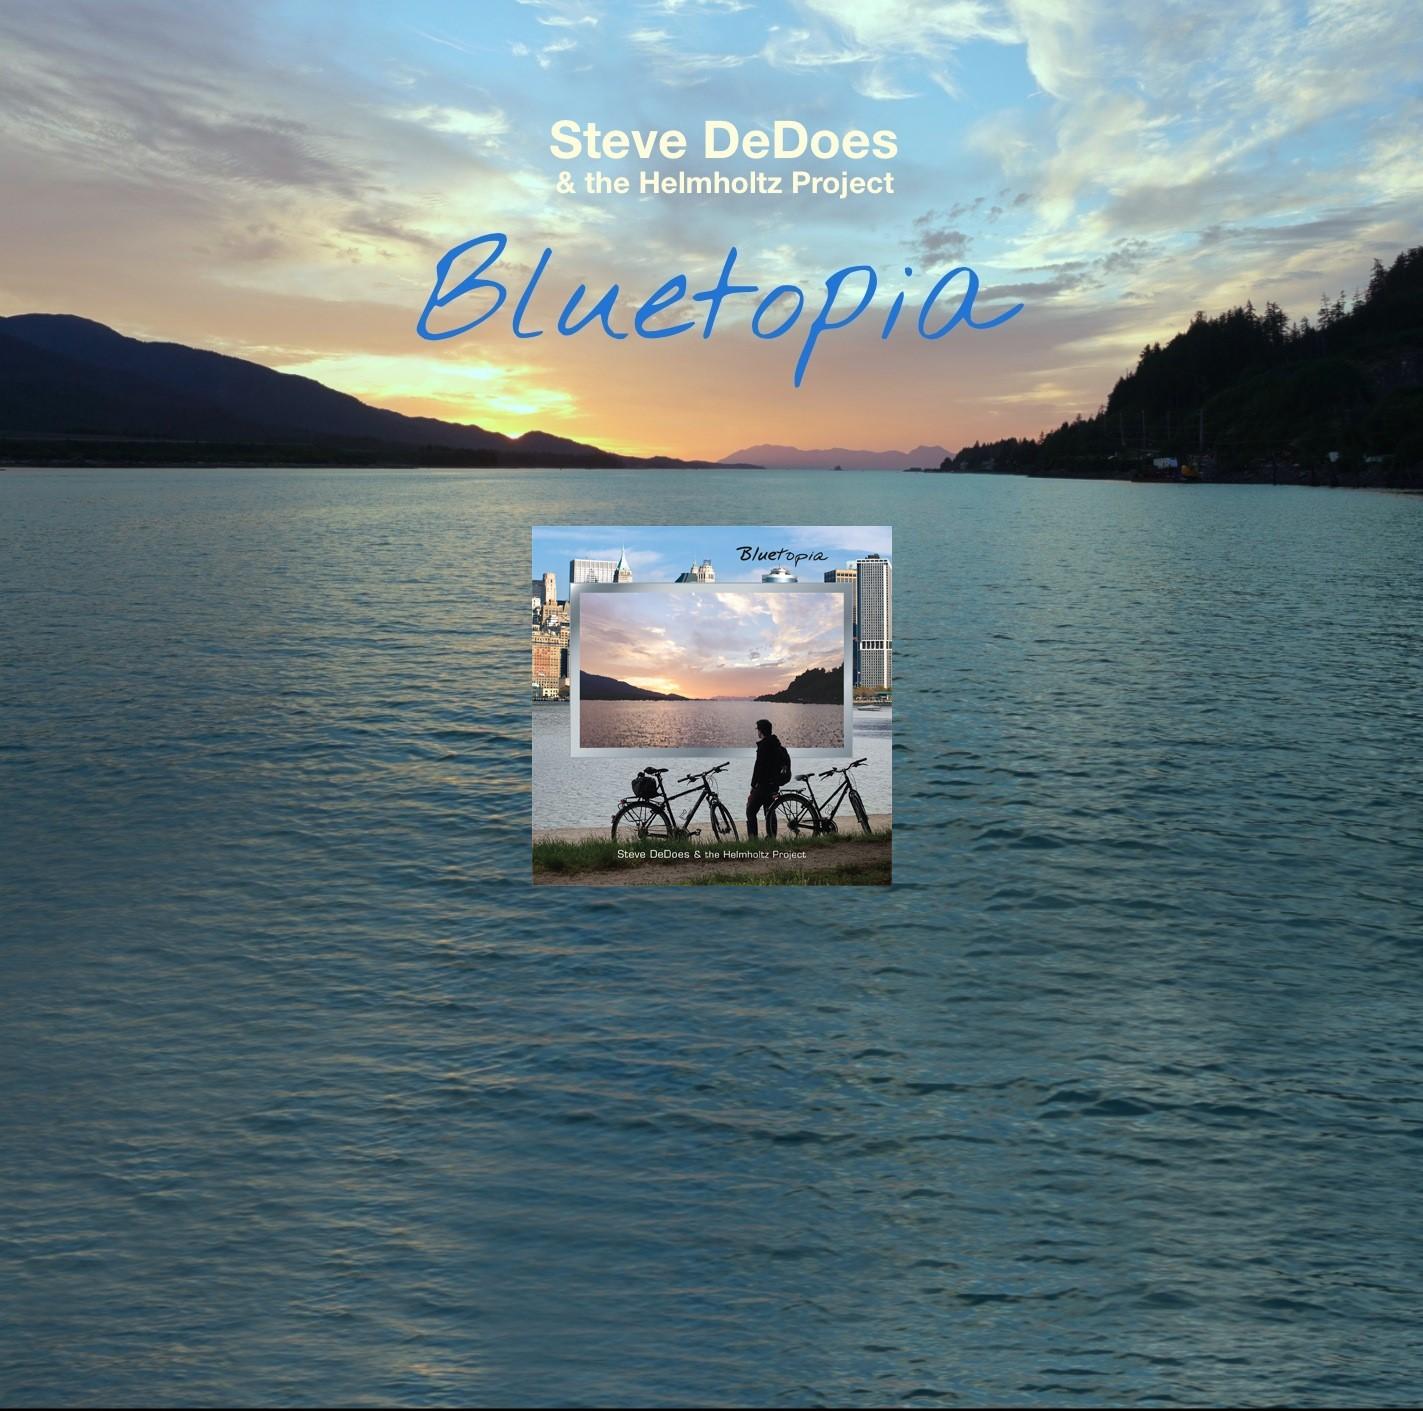 """""""Bluetopia"""" - Steve DeDoes & the Helmholtz Project"""